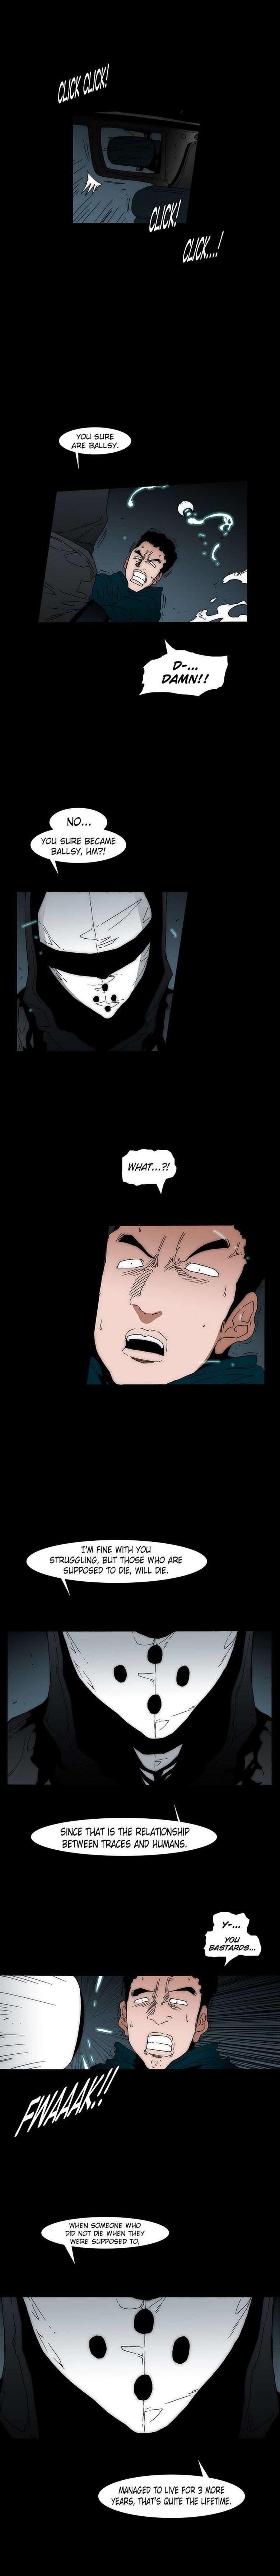 Manga Crayon Days: Daikirai na Aitsu - Chapter 29 Page 6